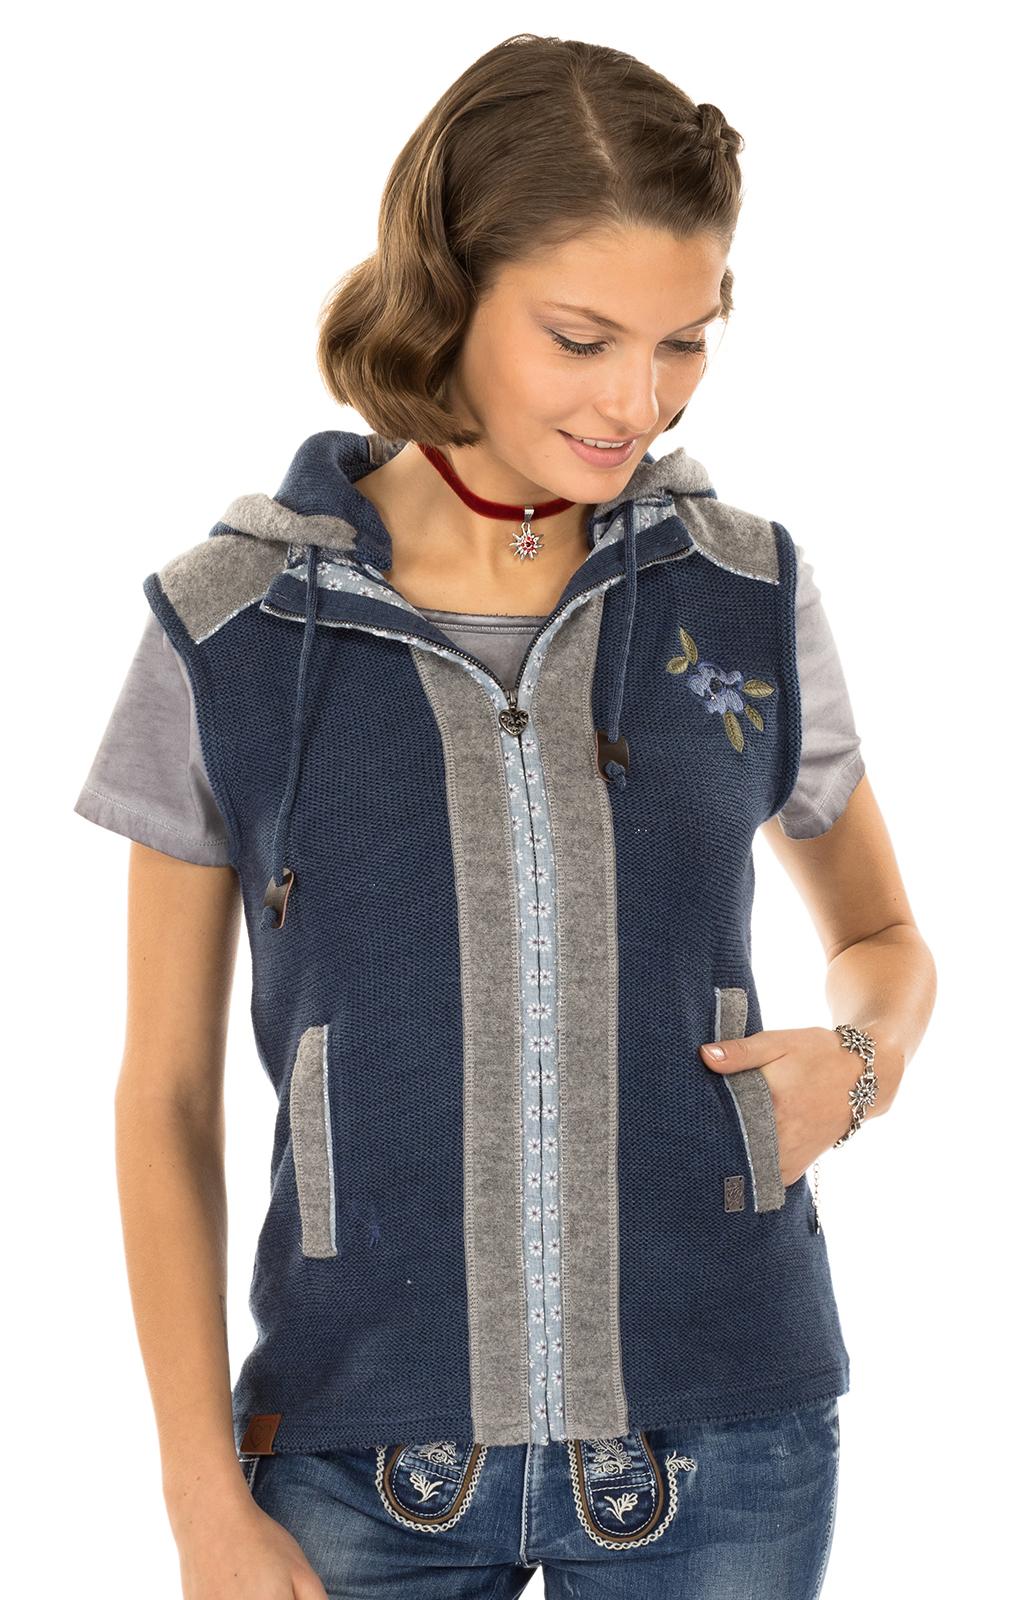 Trachtenstrickweste GRAIN jeansblau von Spieth & Wensky